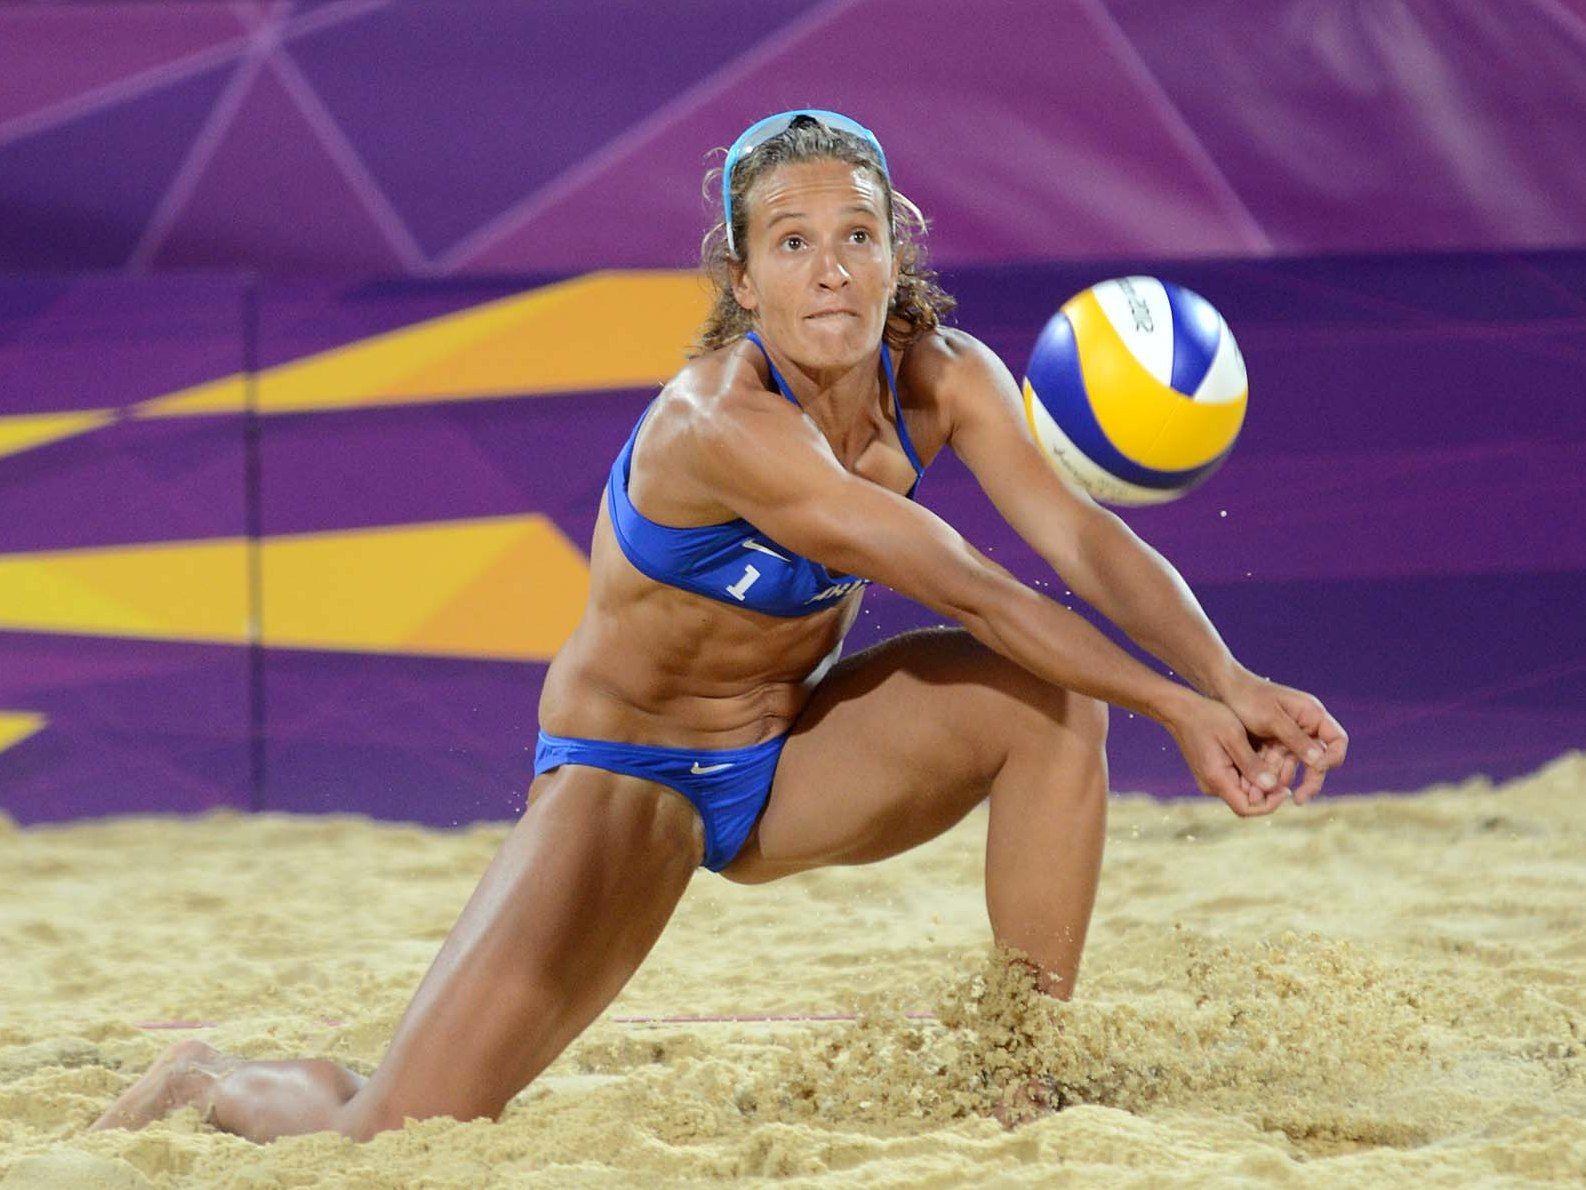 Телка на волейболе, Девчонки устроили обнаженный волейбол на пляже 18 фотография